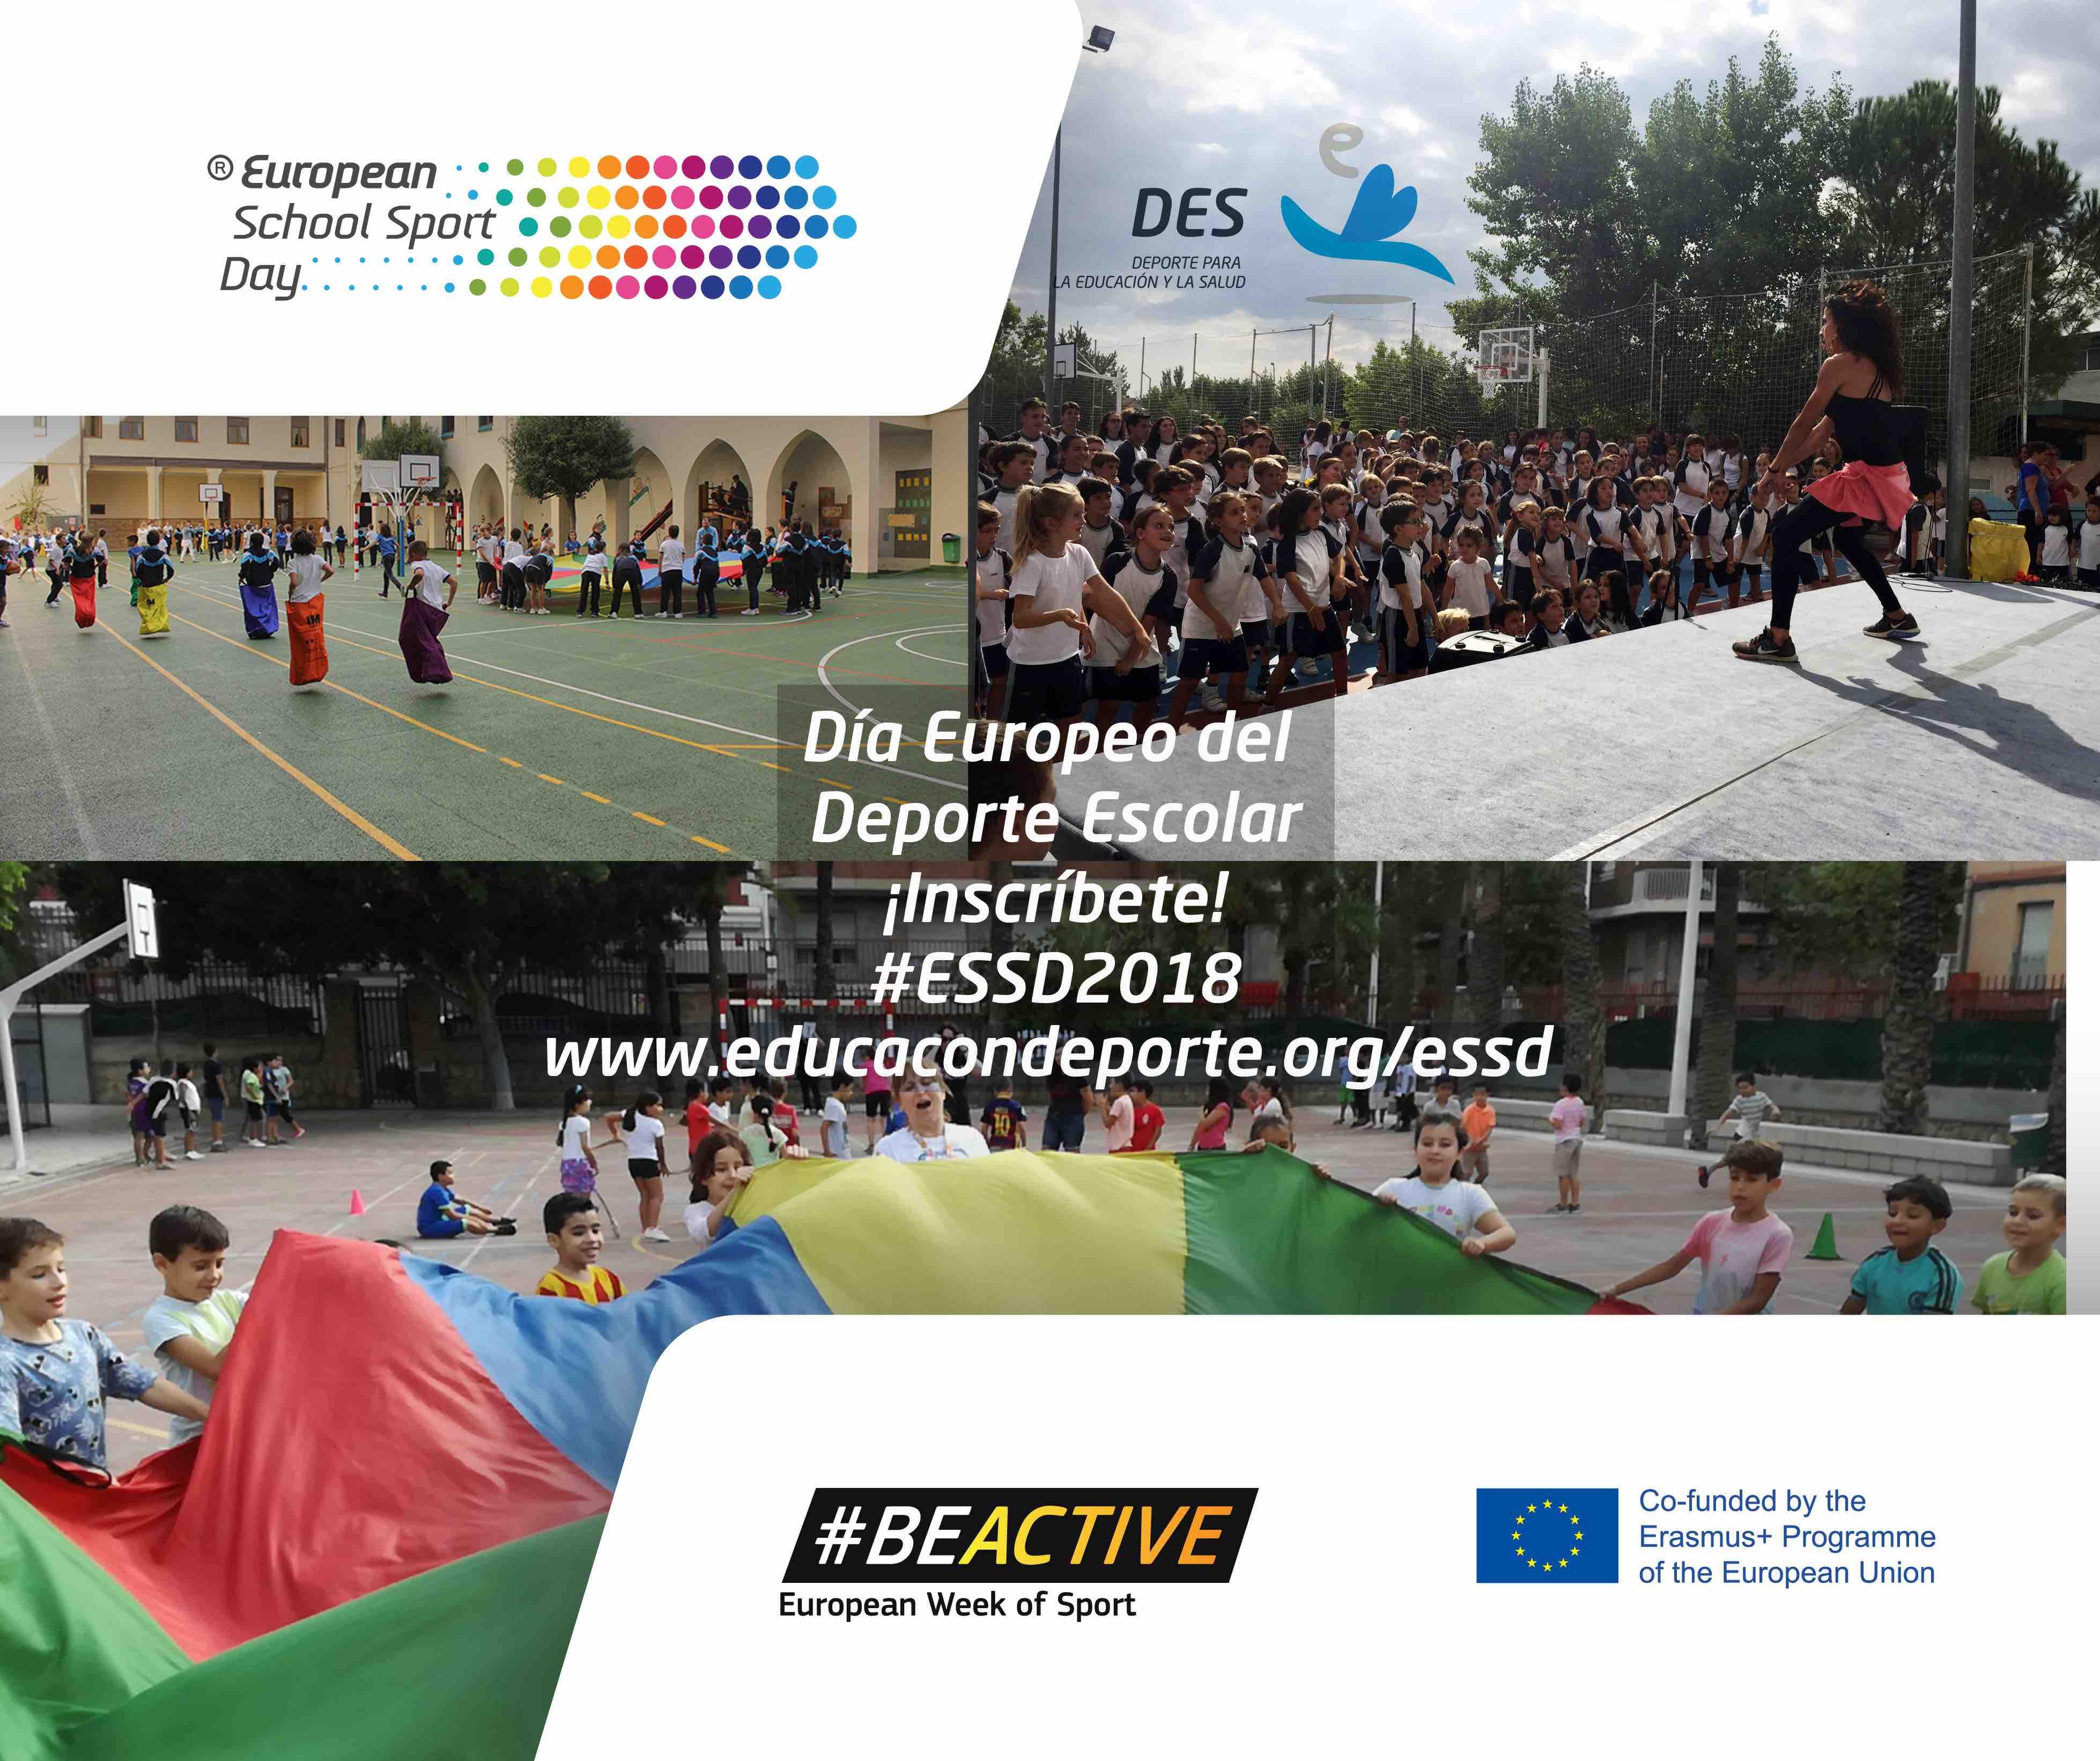 Andrés del Val Comunicación, Agencia de Comunicación seleccionada para el Día Europeo del Deporte Escolar 2018